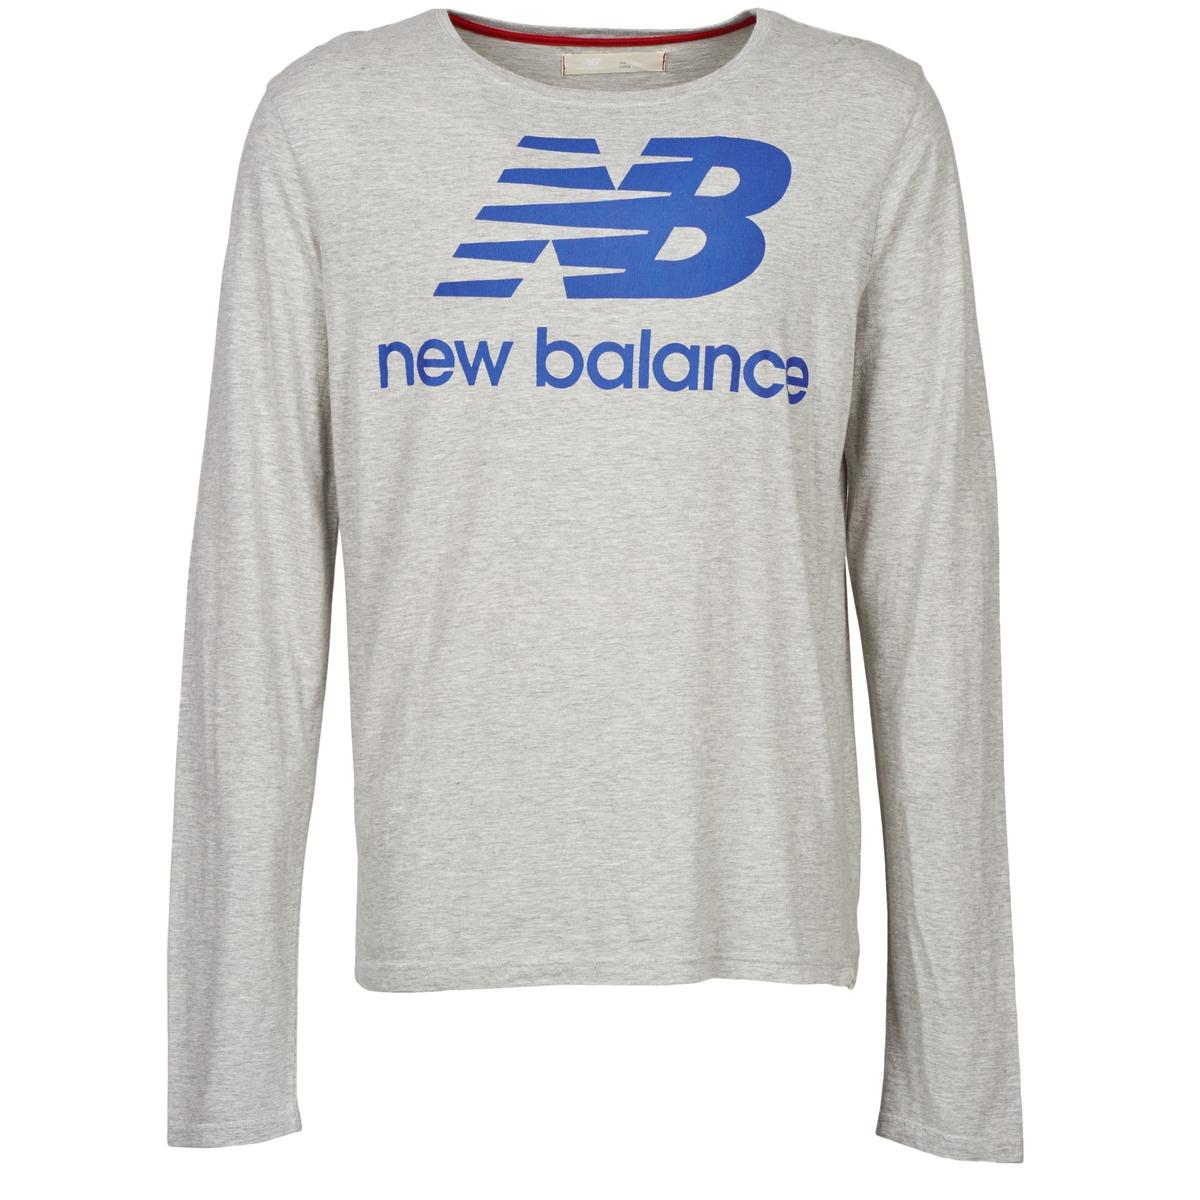 New Balance NBSS1403 LONG SLEEVE TEE Gris